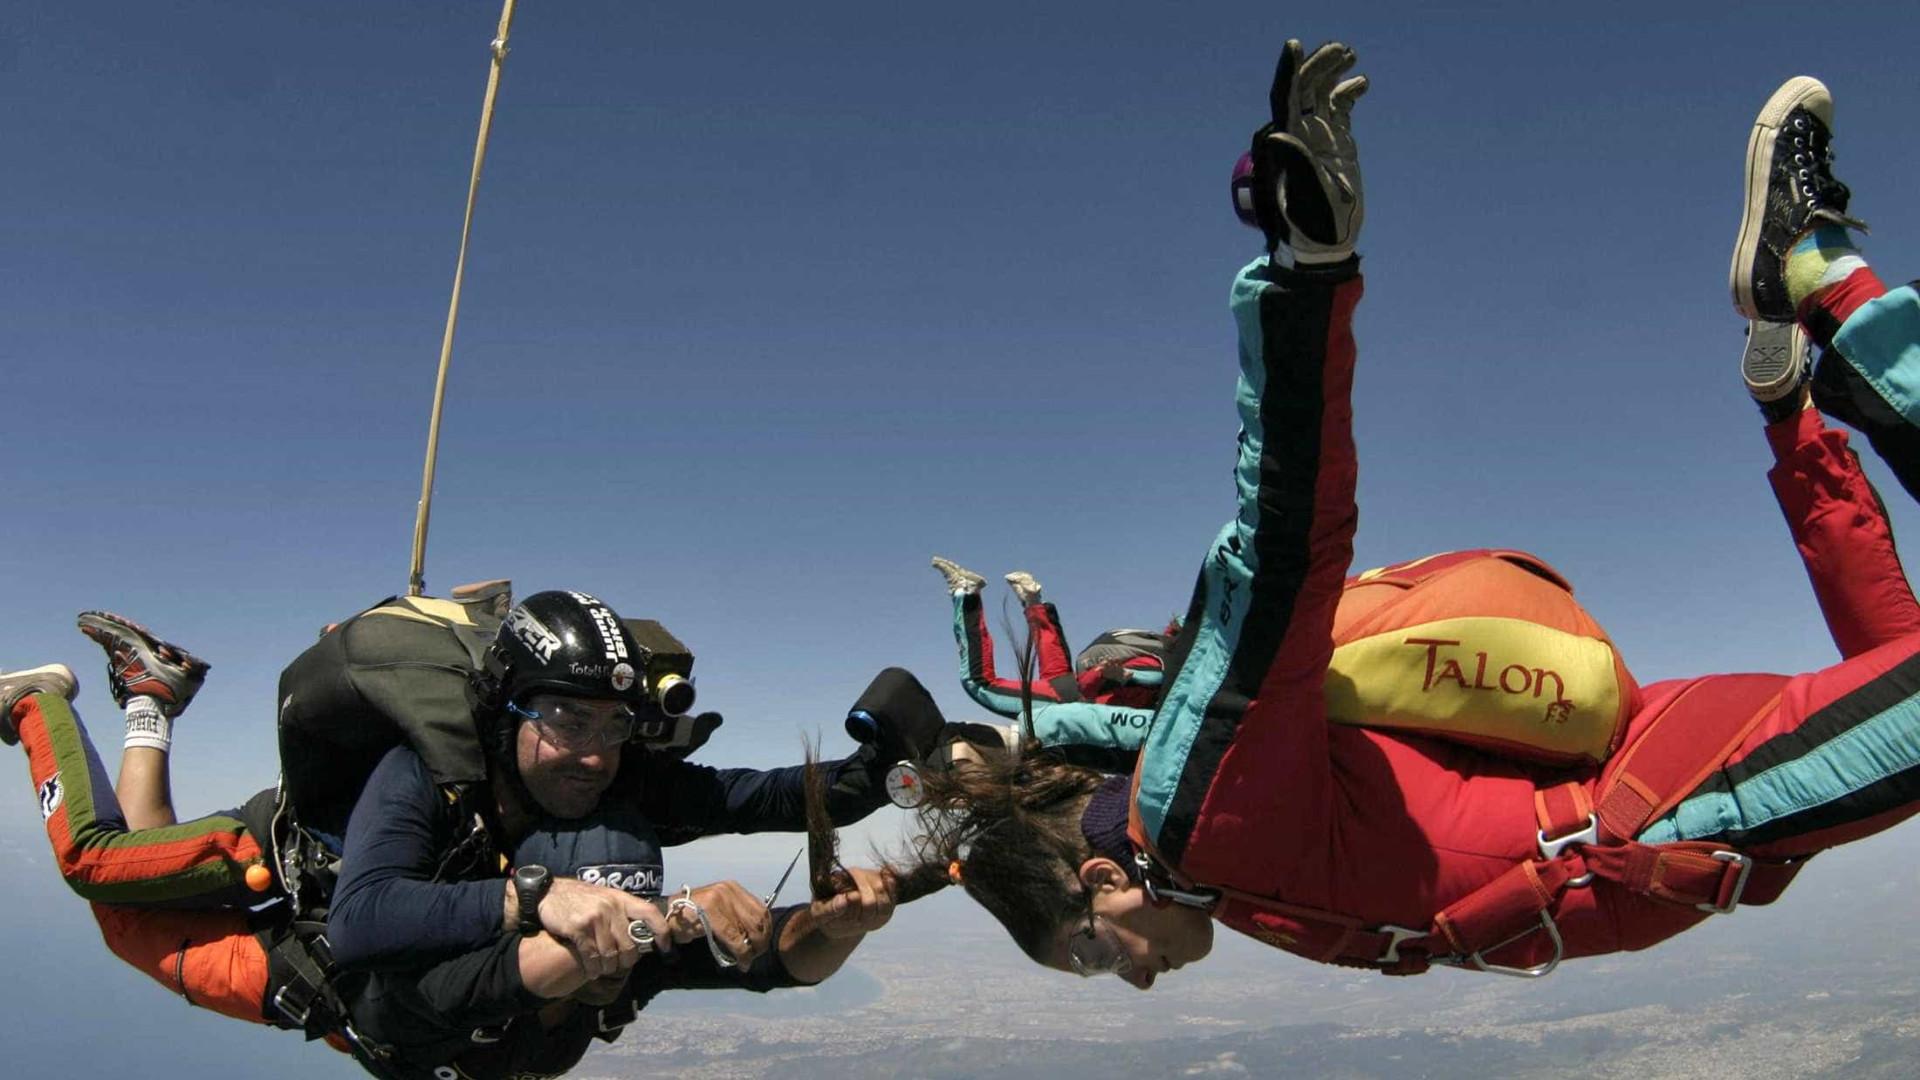 Paraquedista ficou tetraplégico. O caso vai para Tribunal Constitucional